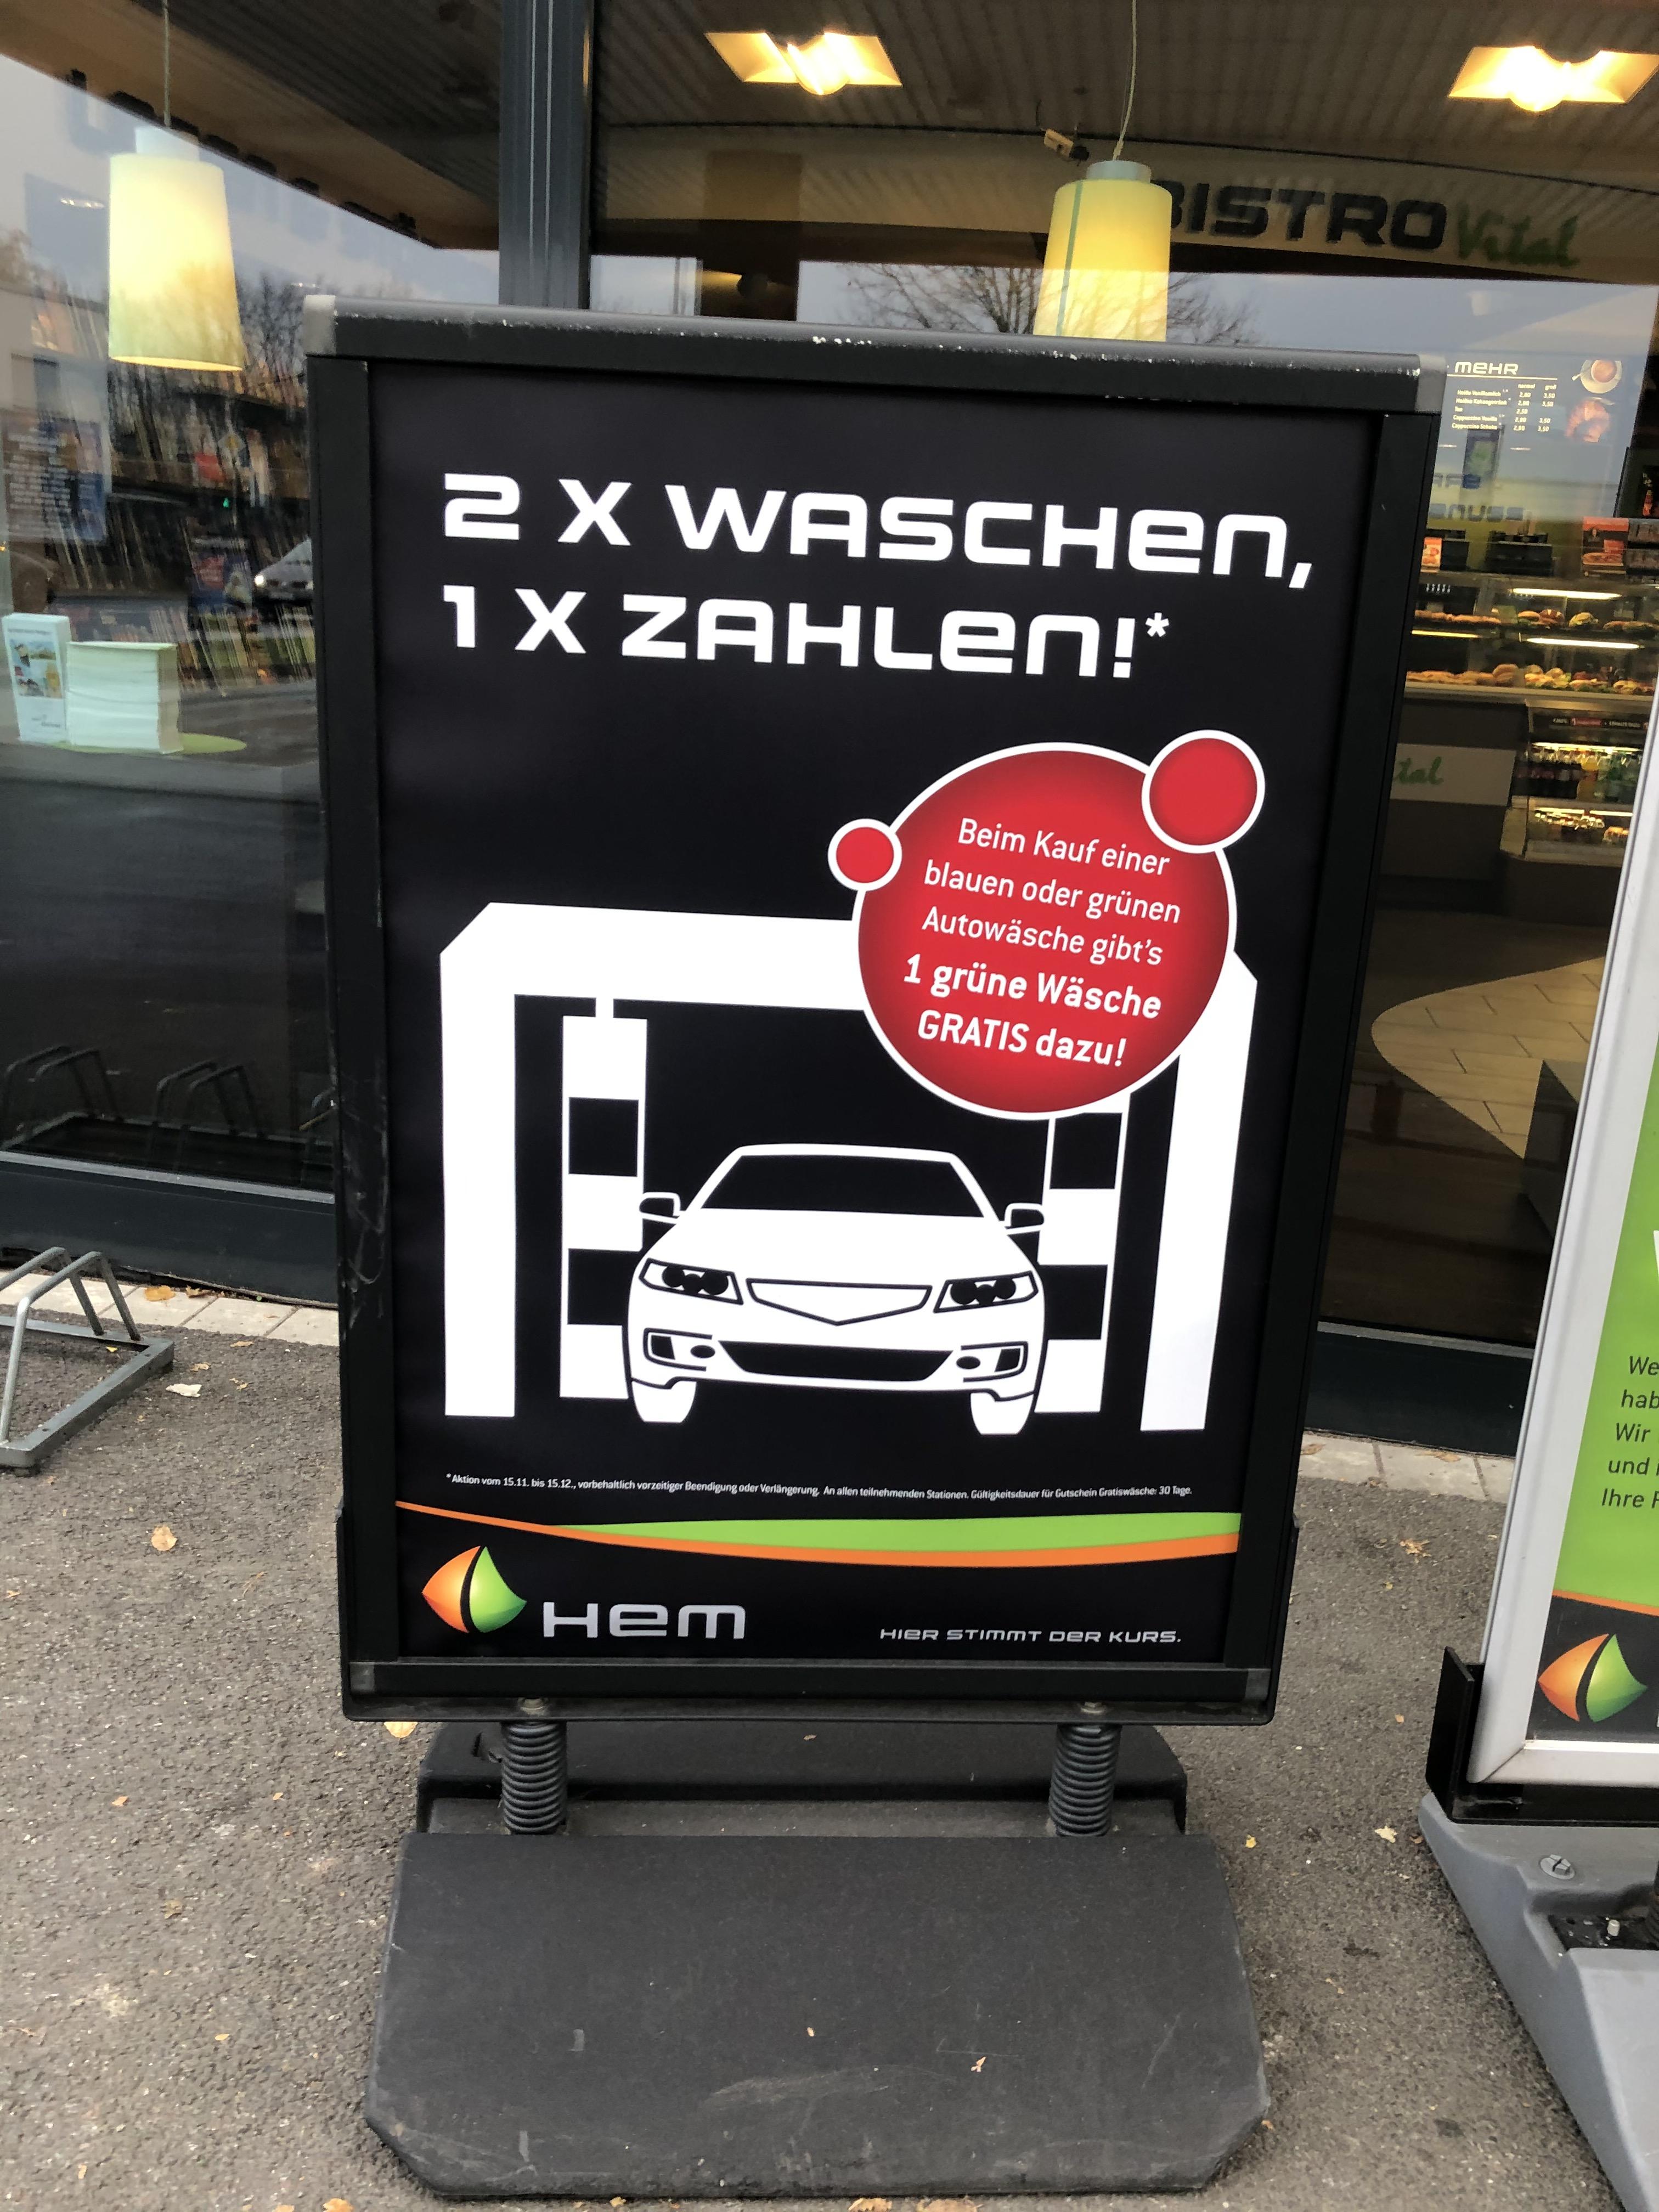 [Bundesweit] Tankstelle HEM 2x waschen 1x zahlen!